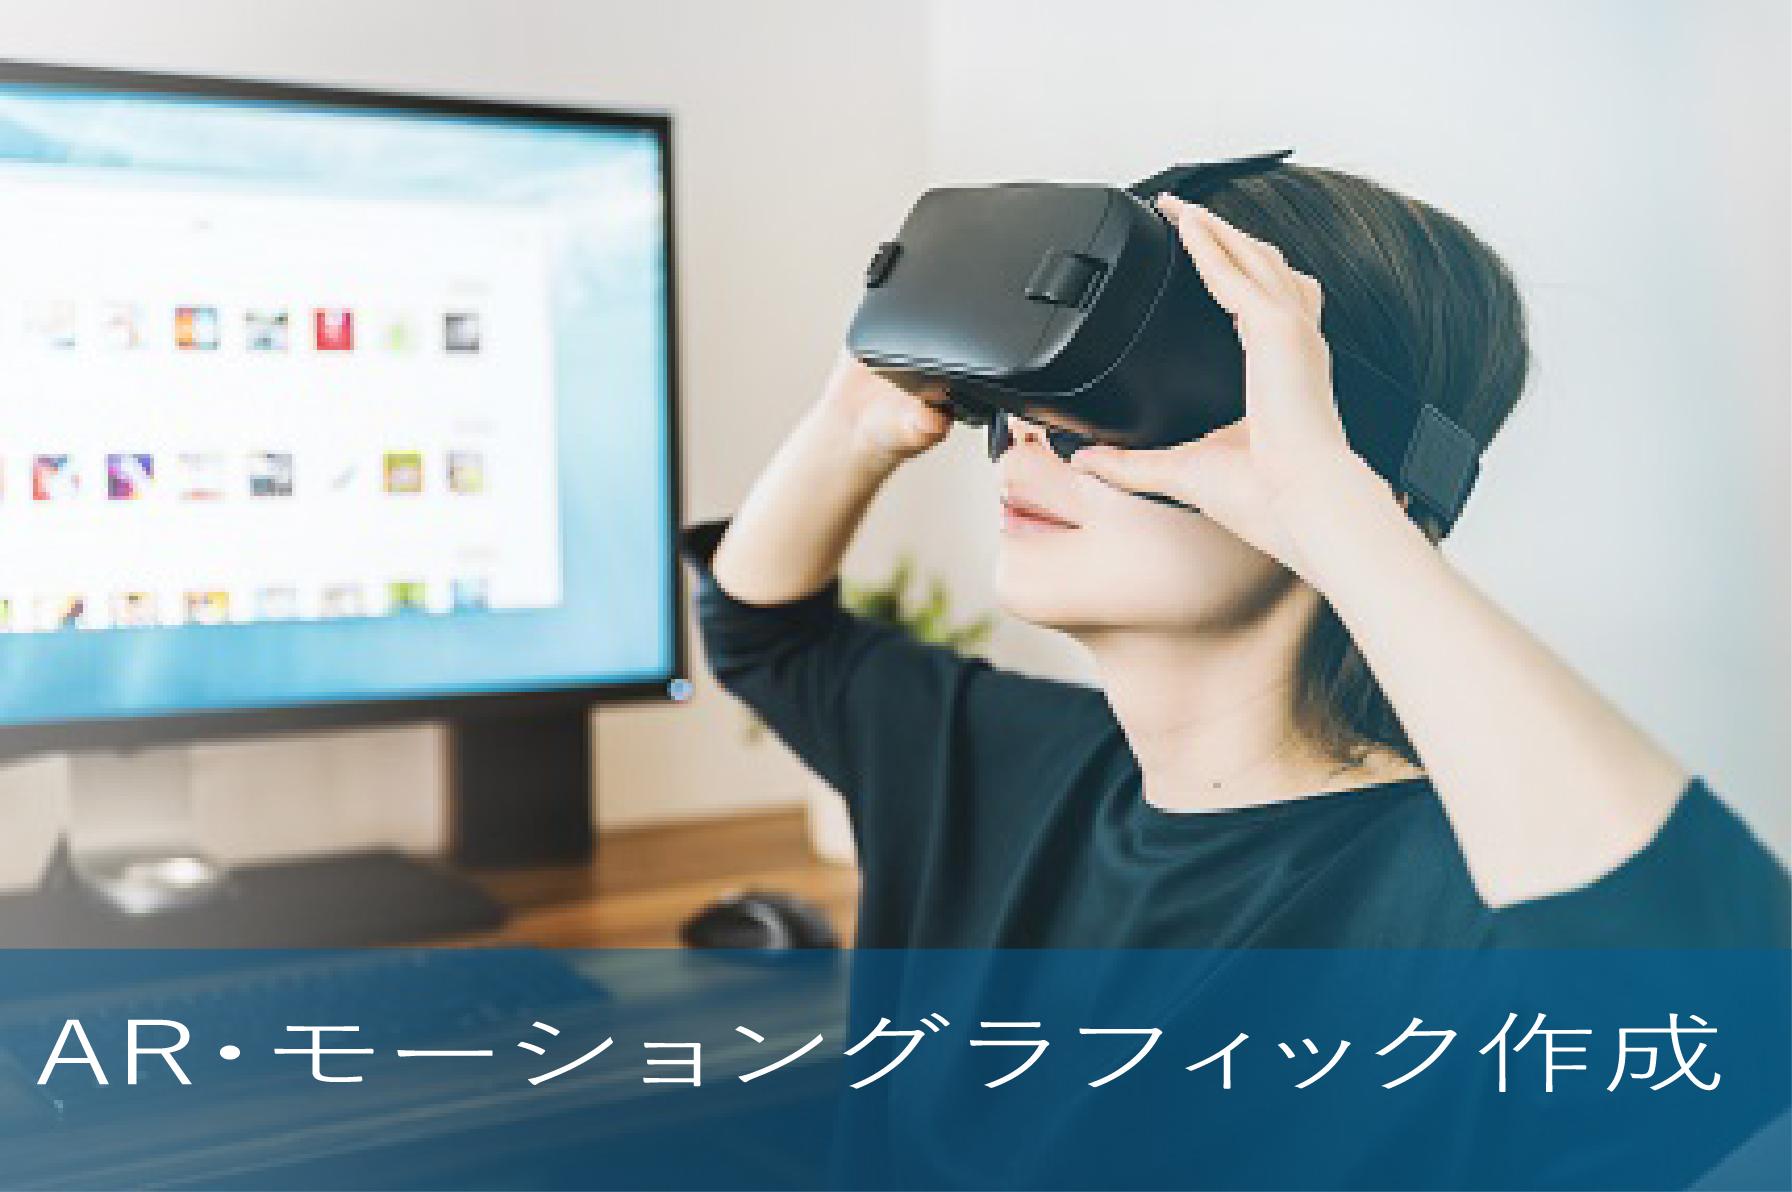 AR作成 VR作成 モーショングラフィックの作成